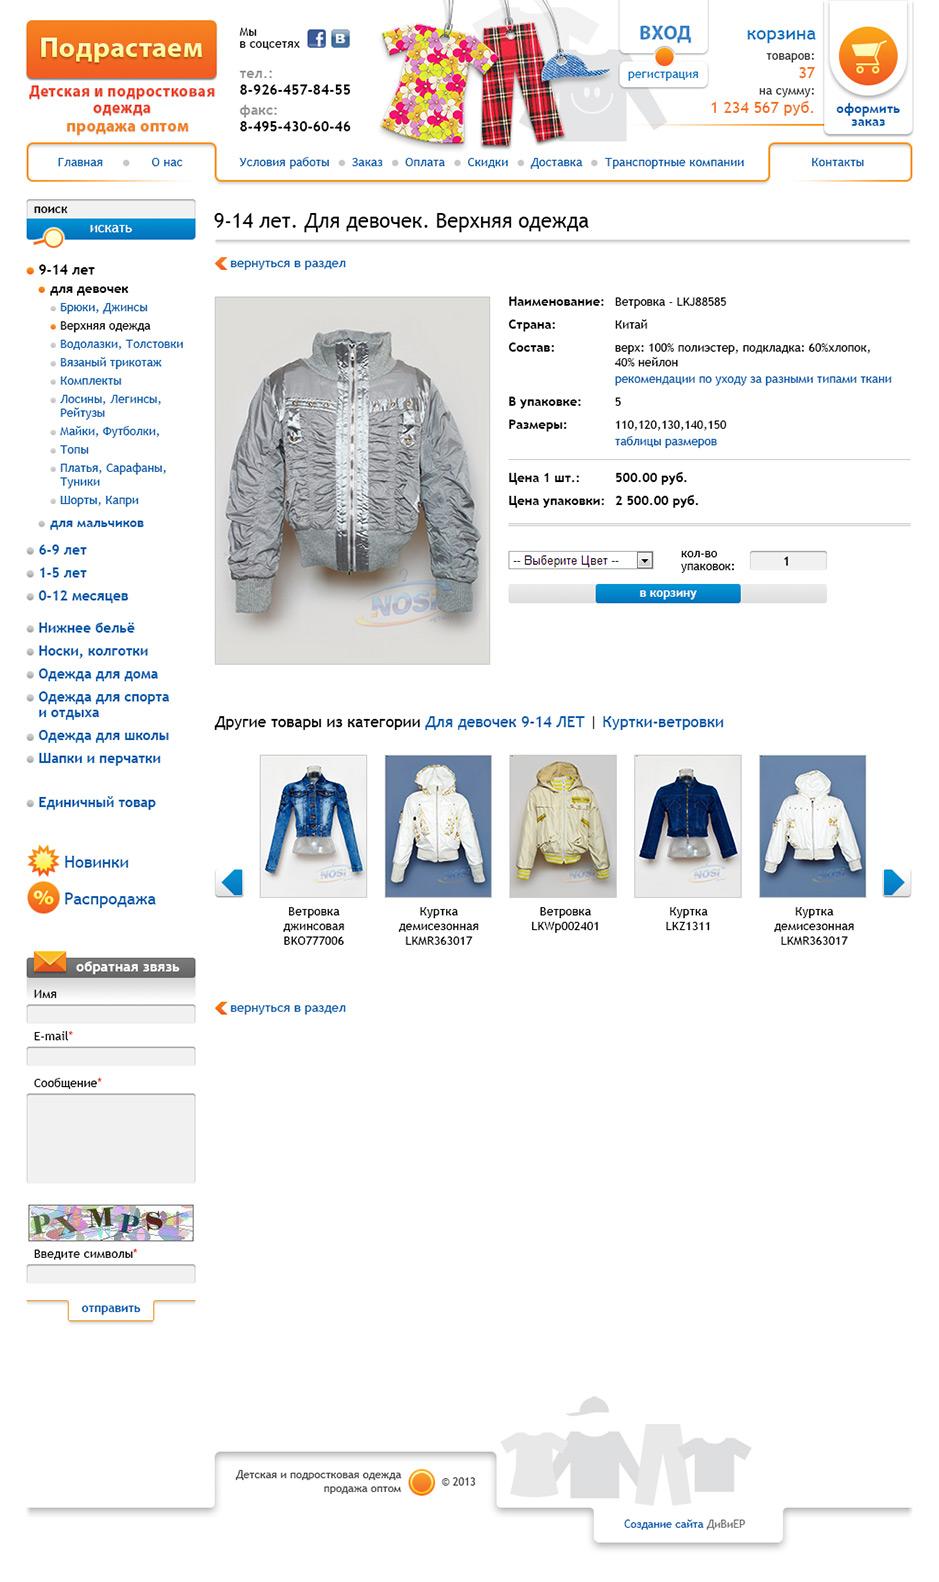 Сайты для продажи в интернете одежды